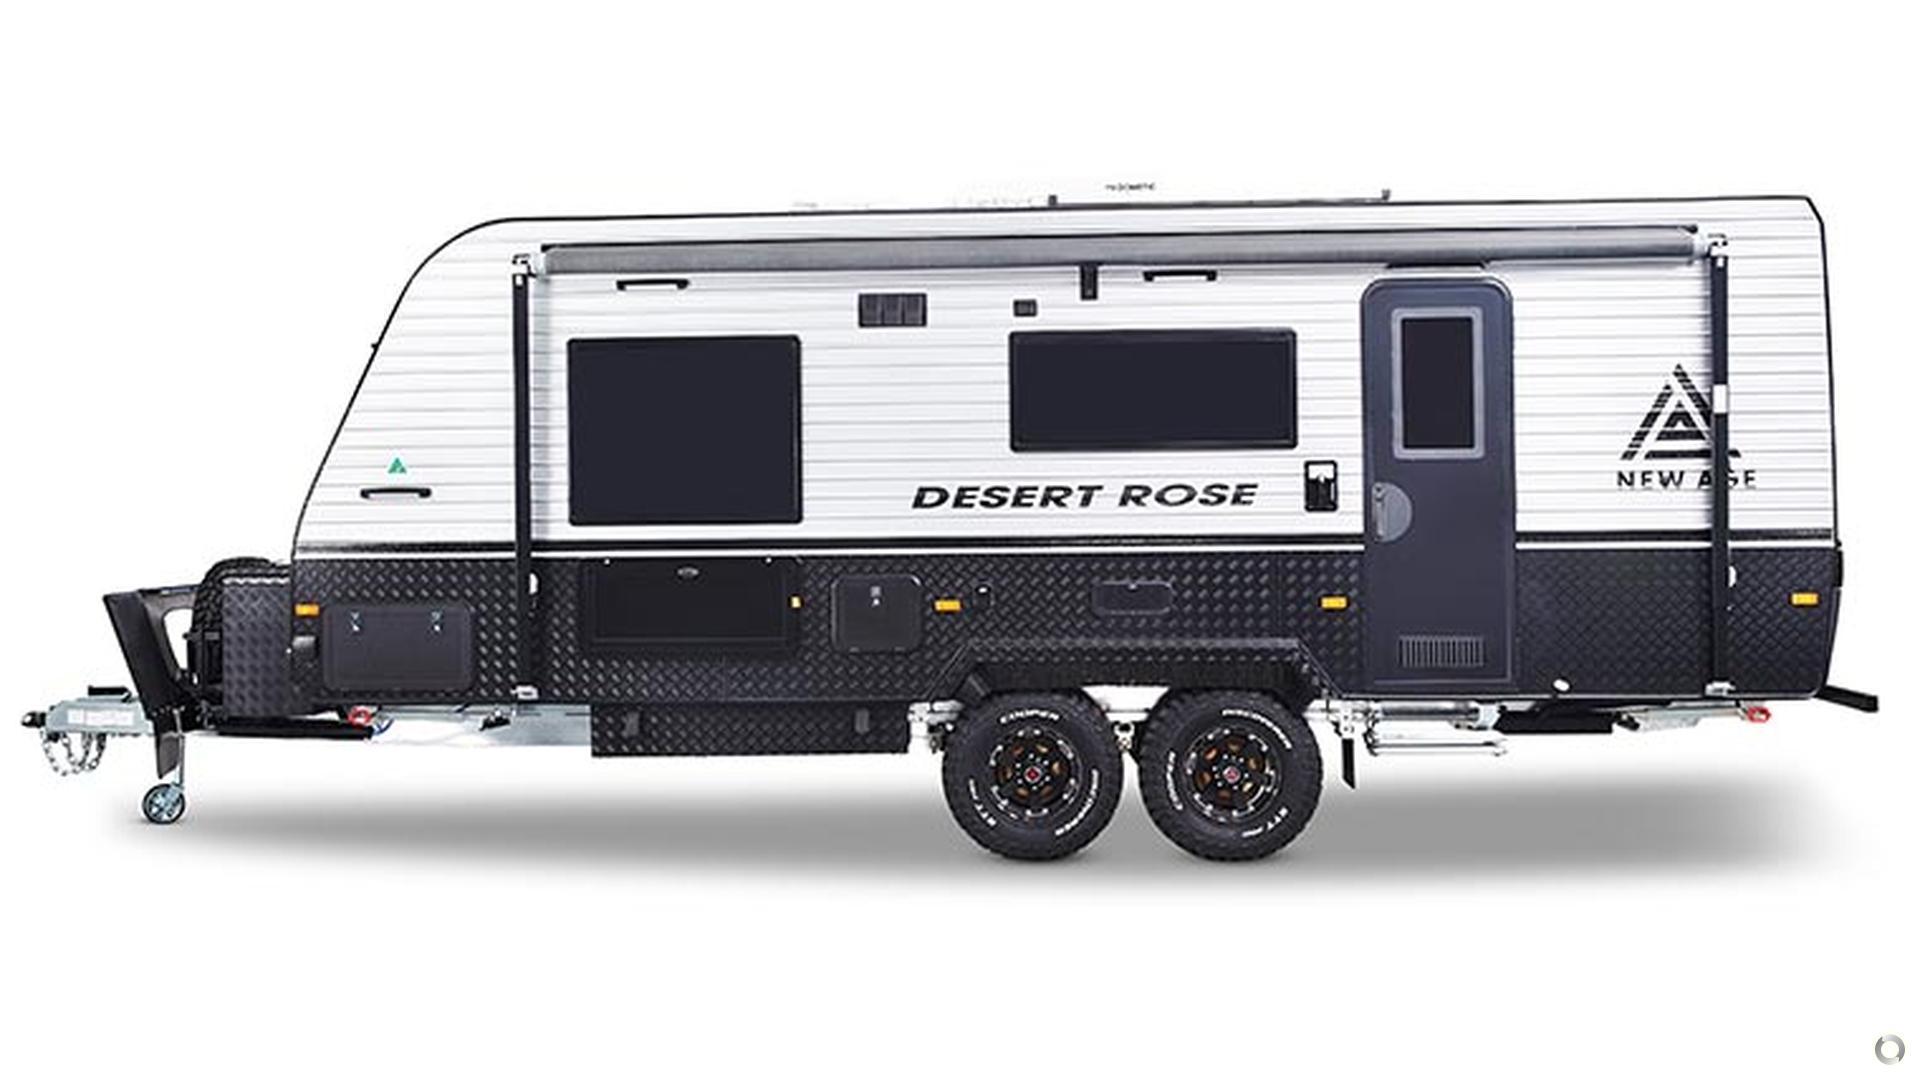 2020 New Age Desert Rose